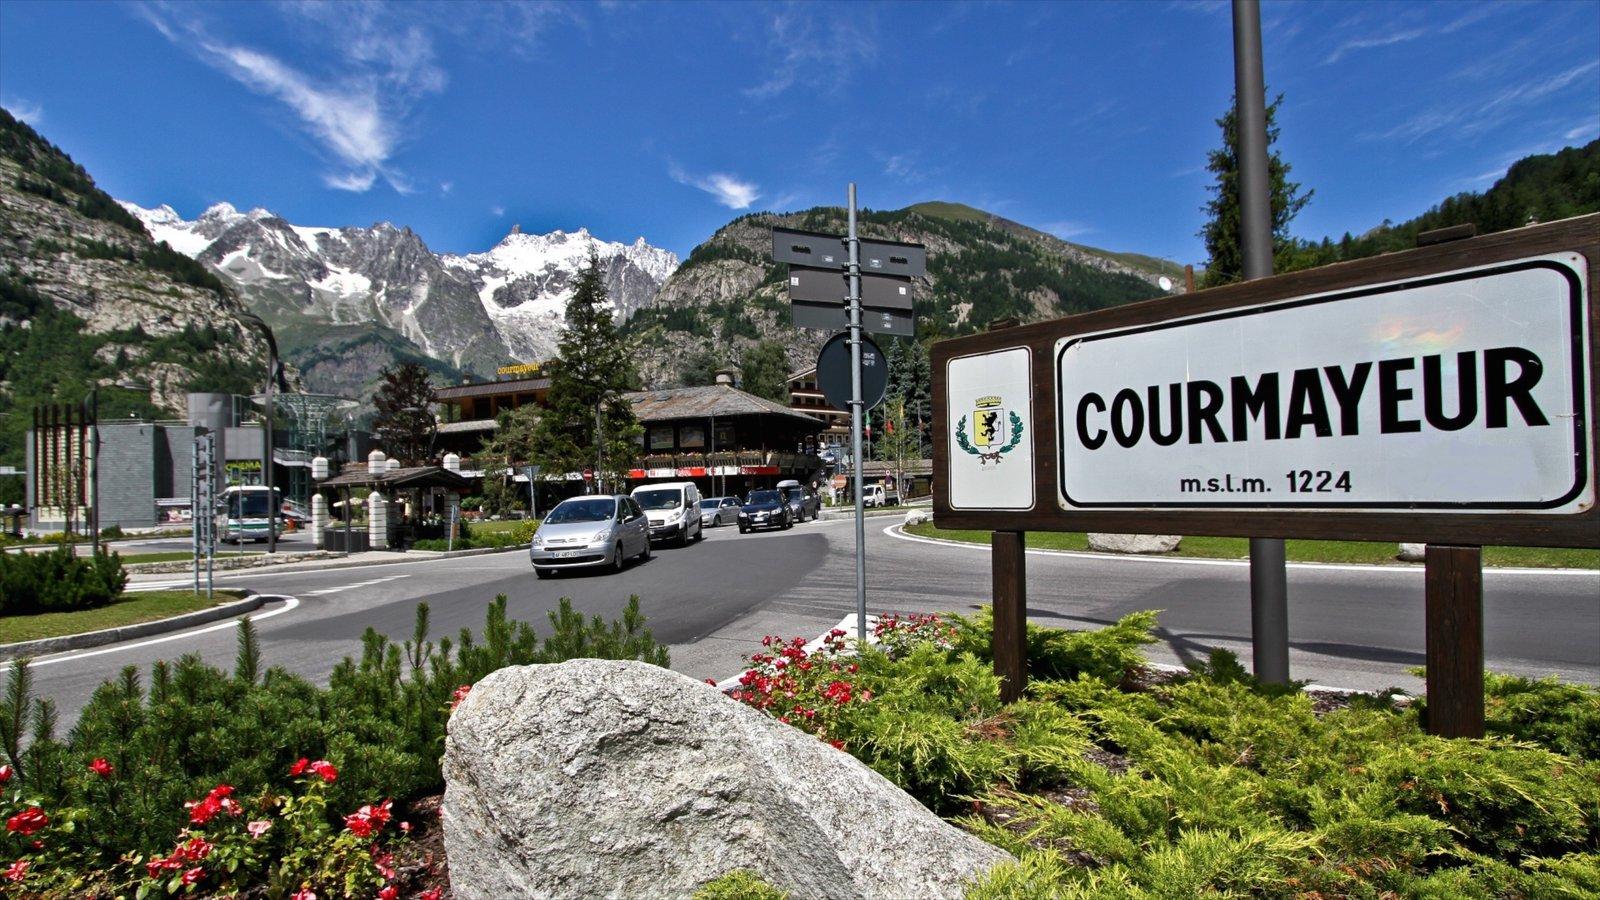 Courmayeur que incluye un parque y señalización